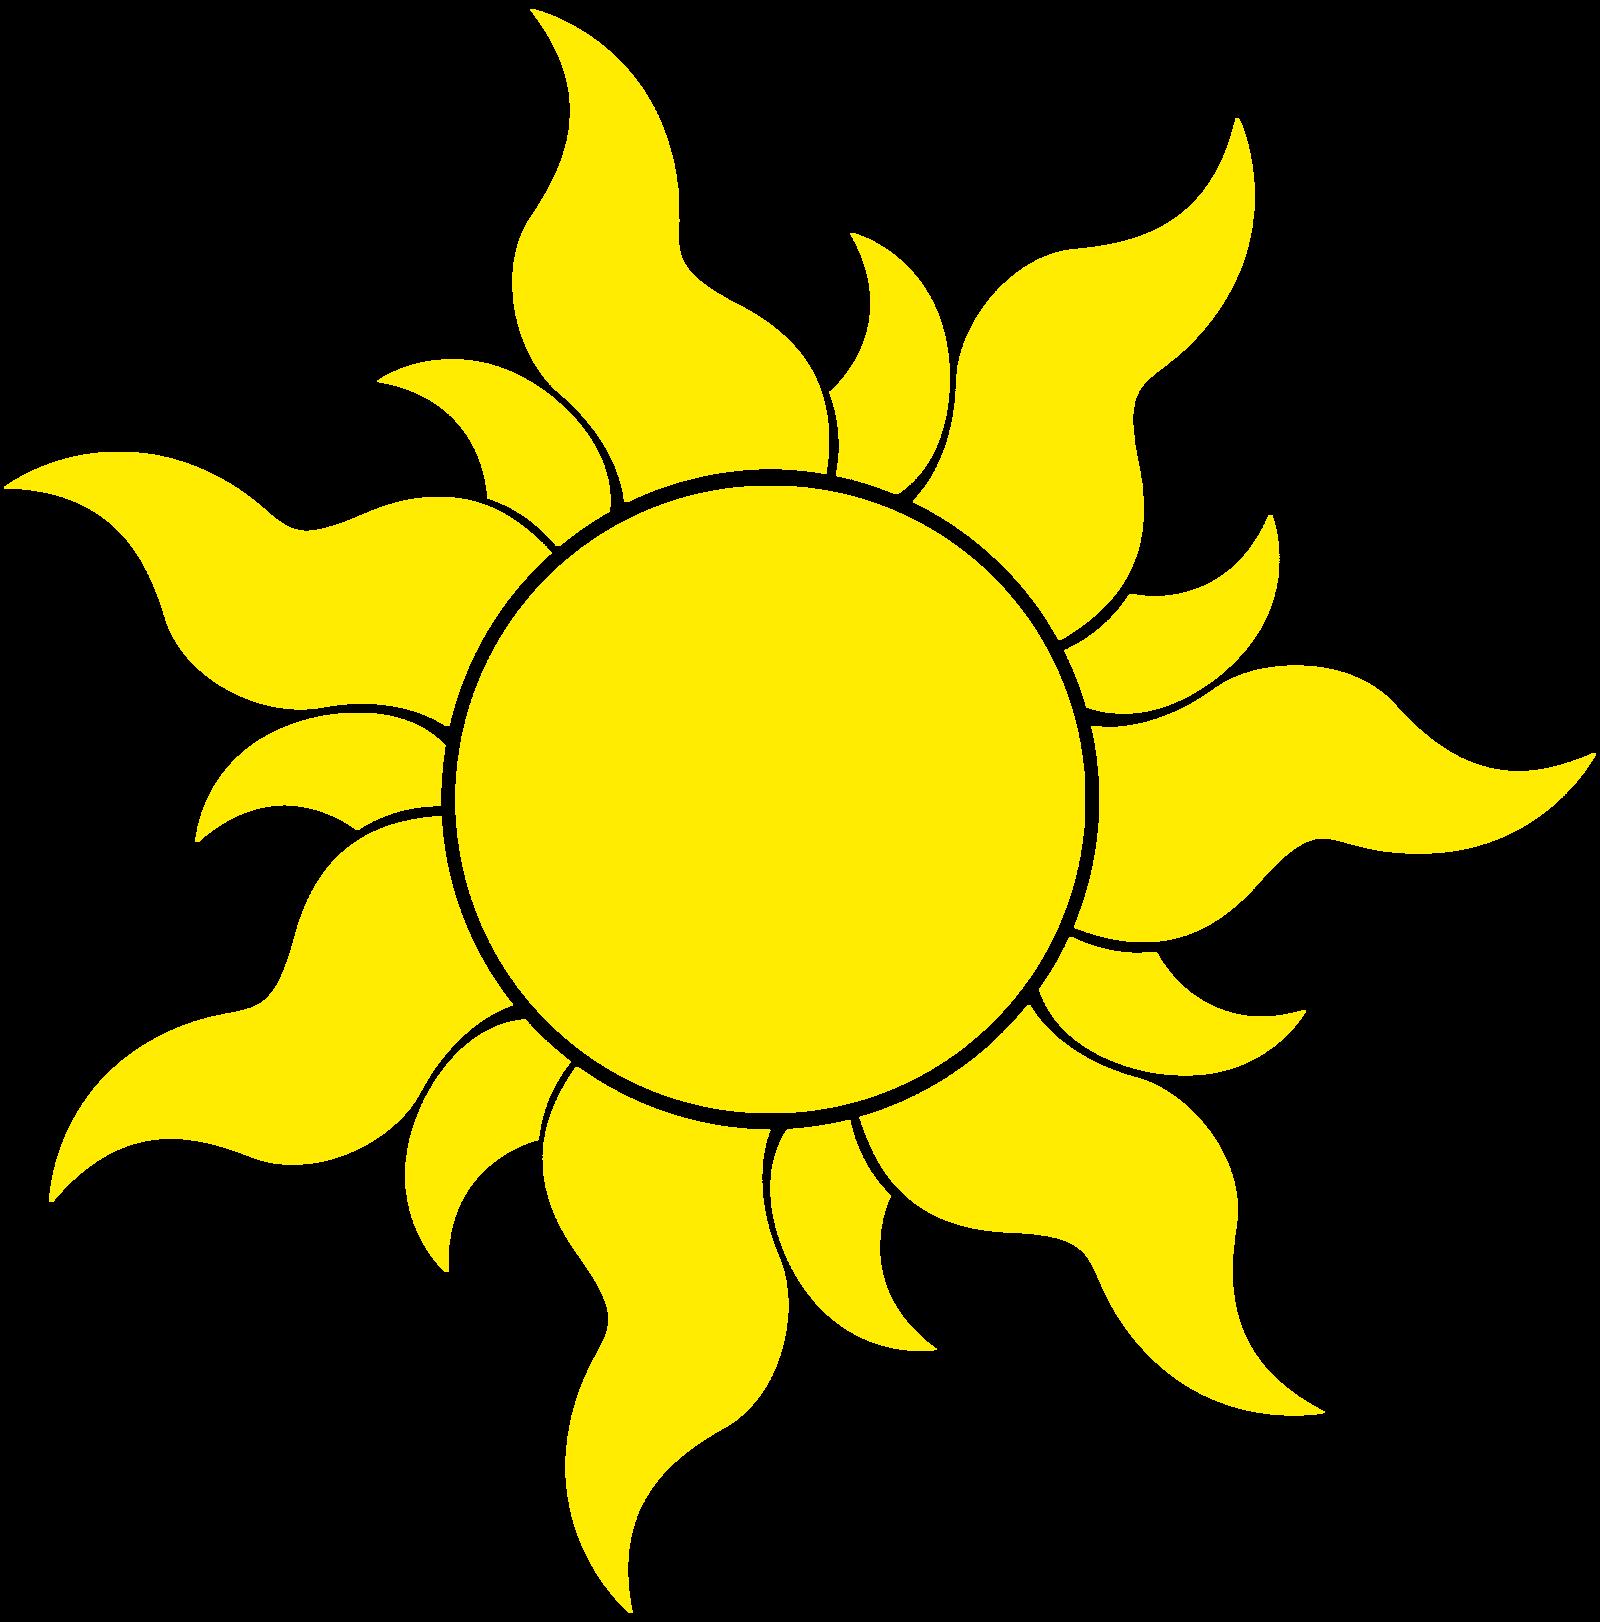 Summer Sunshine On Scratch